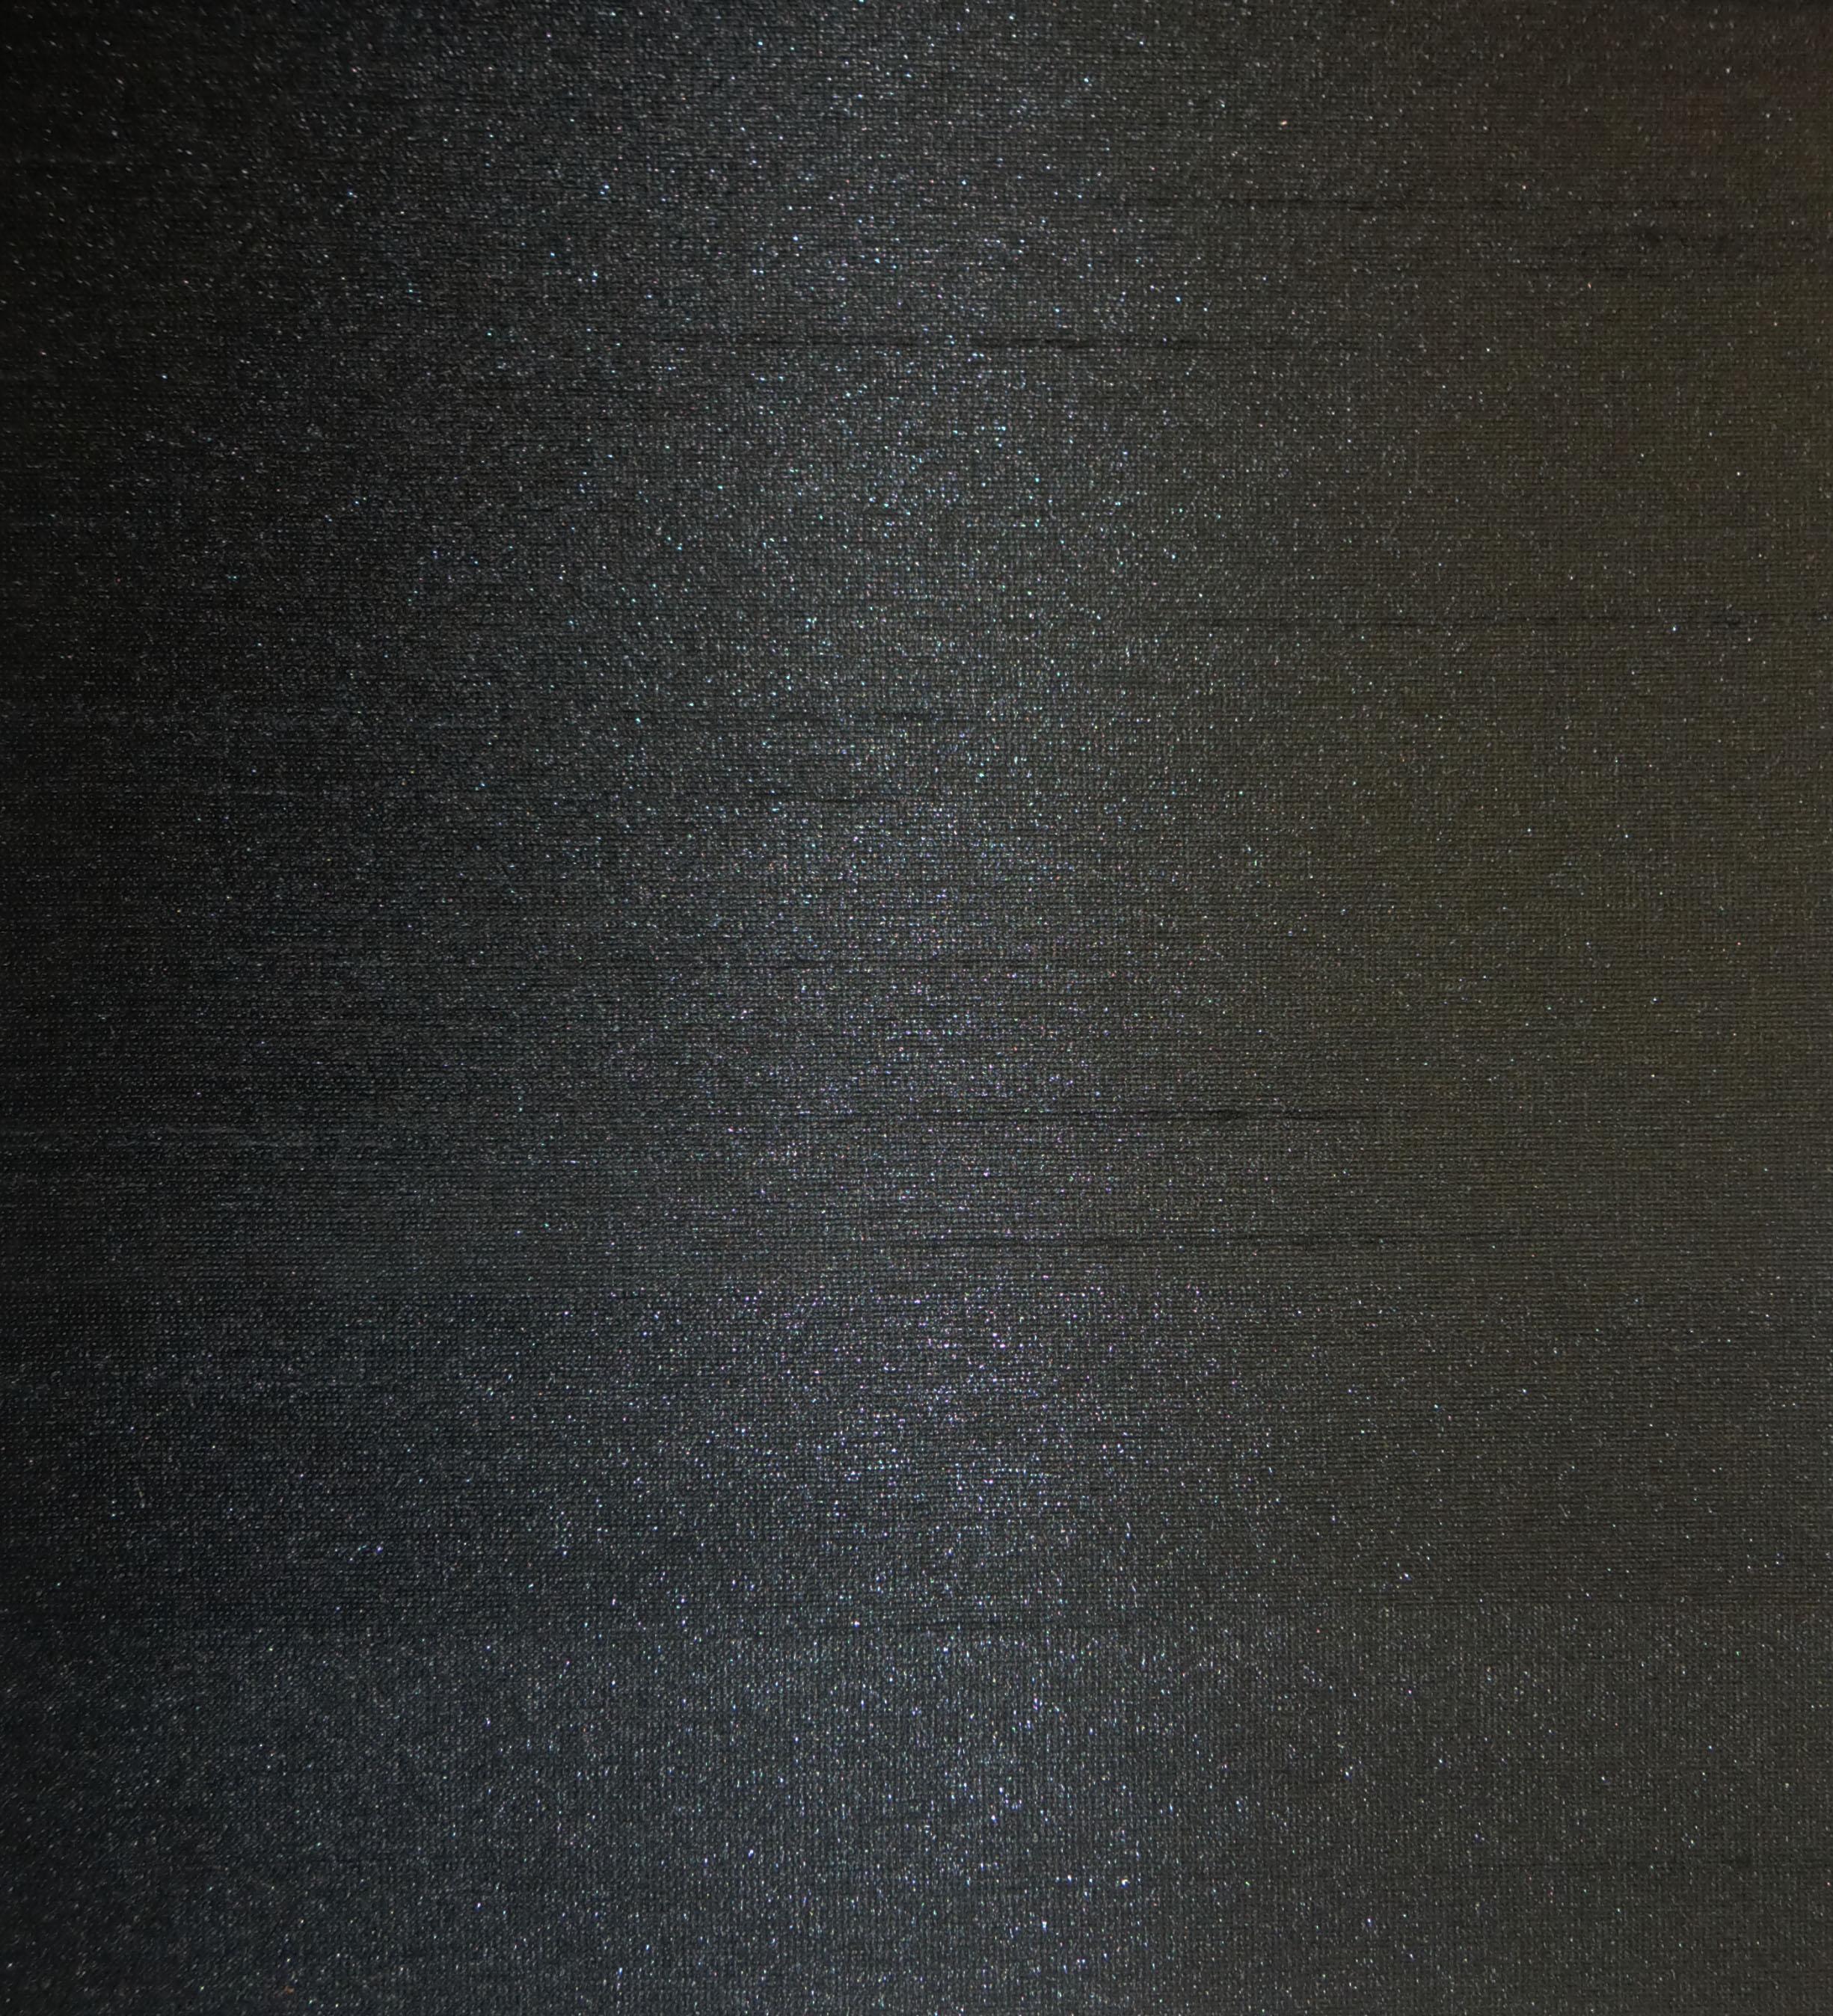 gerbini catania silks - photo#24